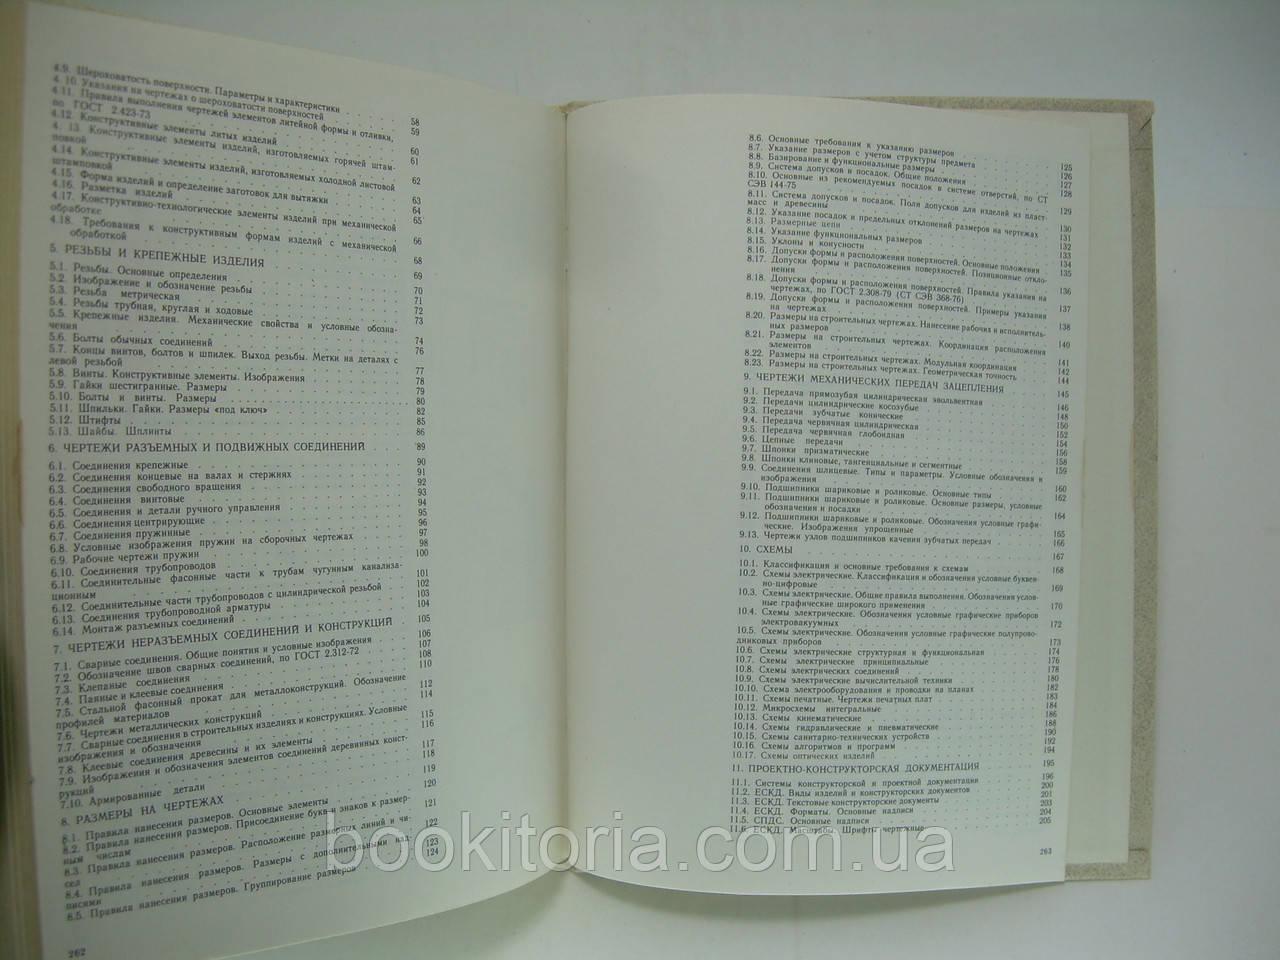 book carl friedrich von weizsäcker major texts on